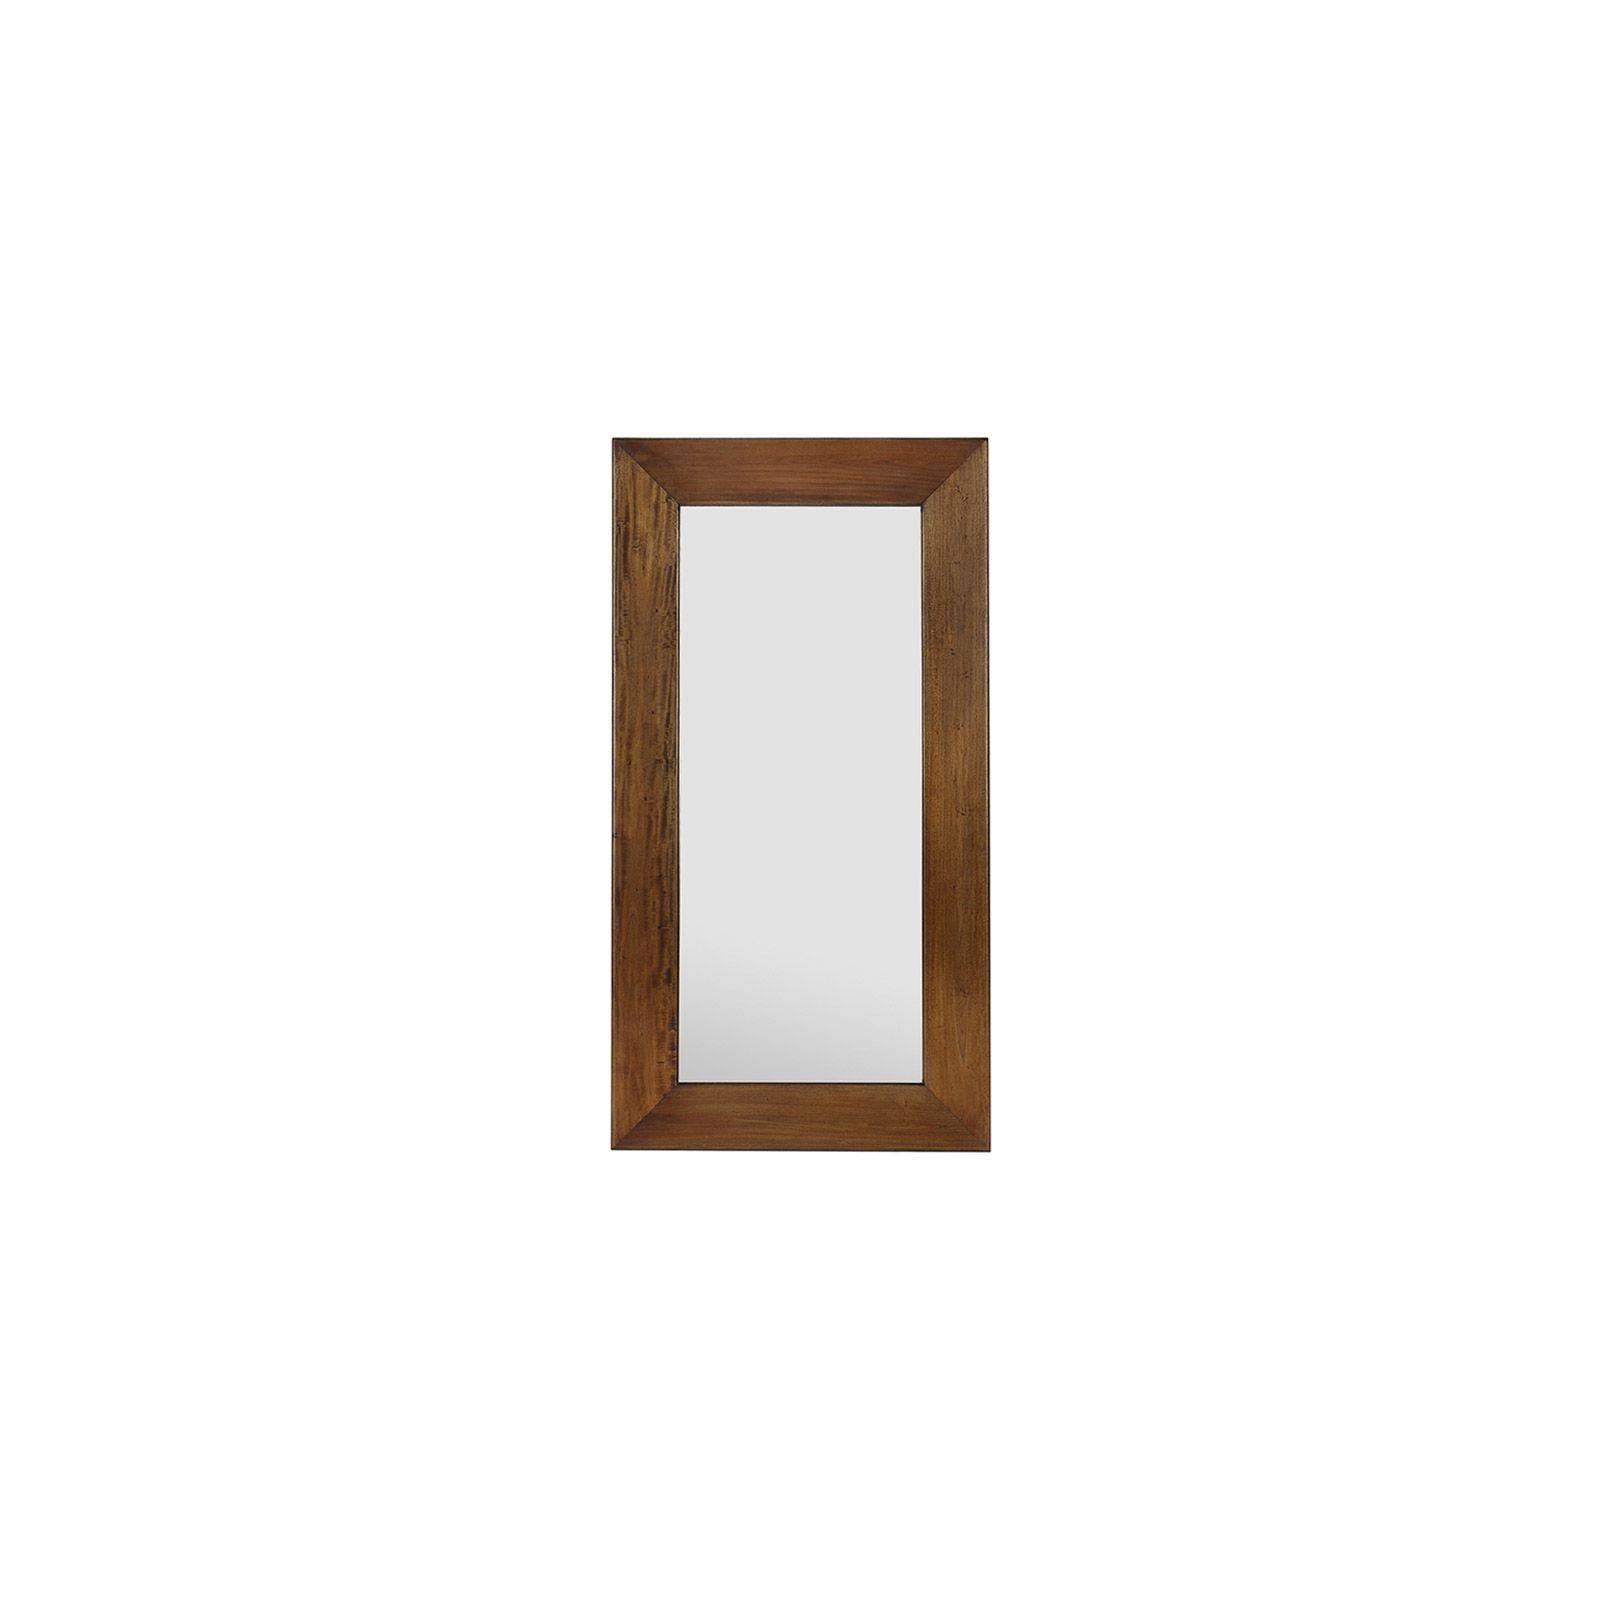 Miroir Rectangulaire Colonial Acajou Massif - meuble déco